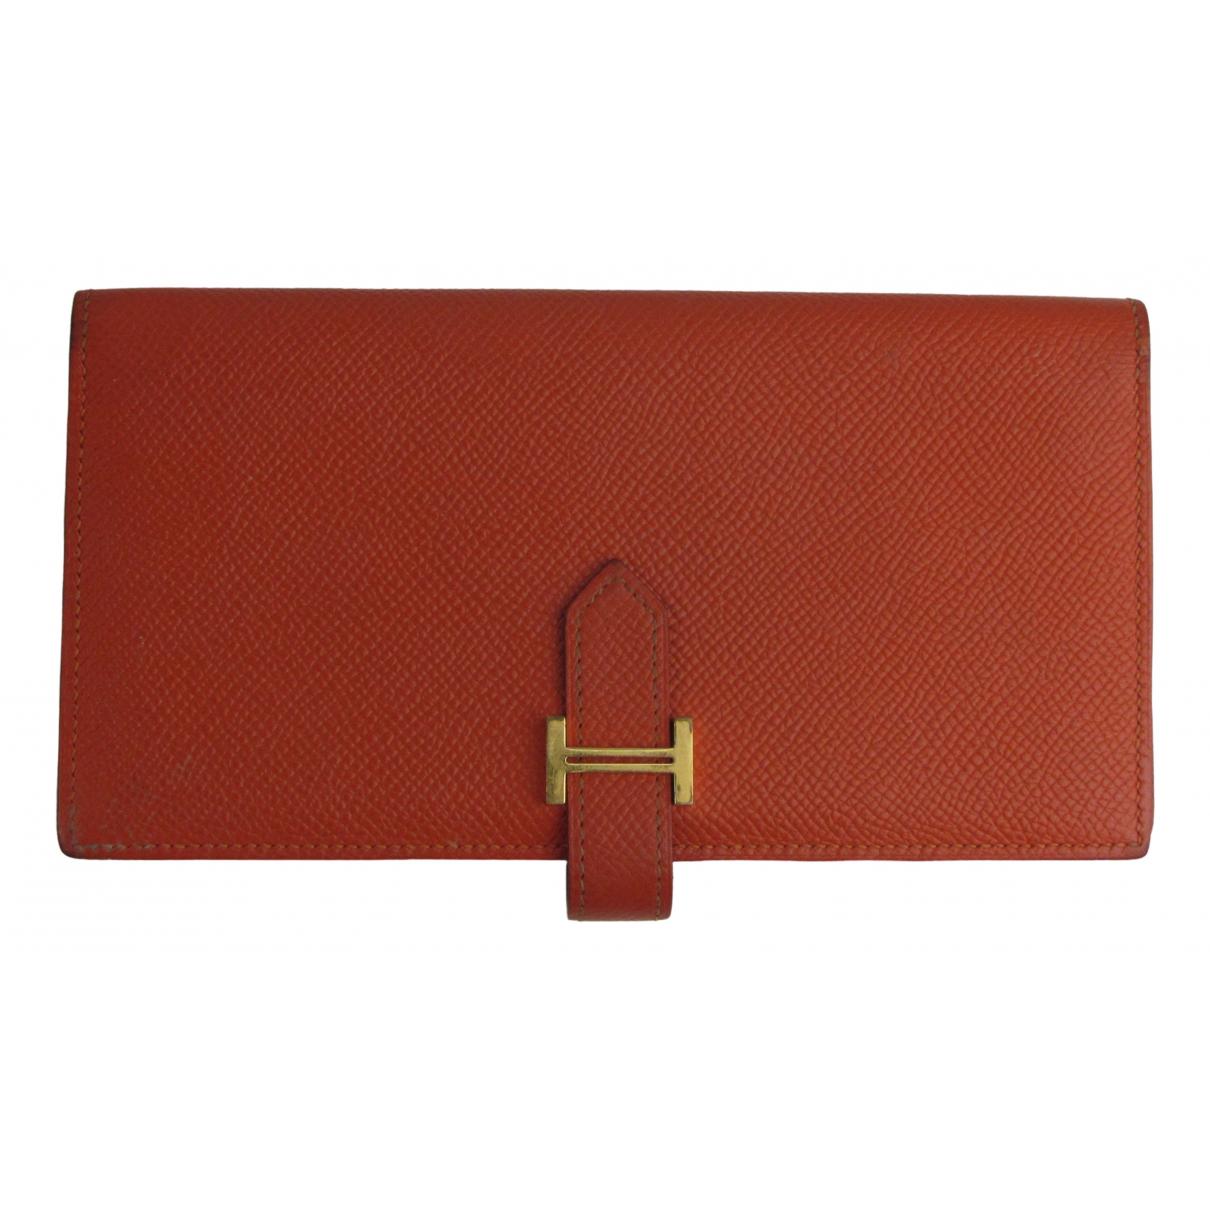 Hermes Bearn Portemonnaie in  Orange Leder